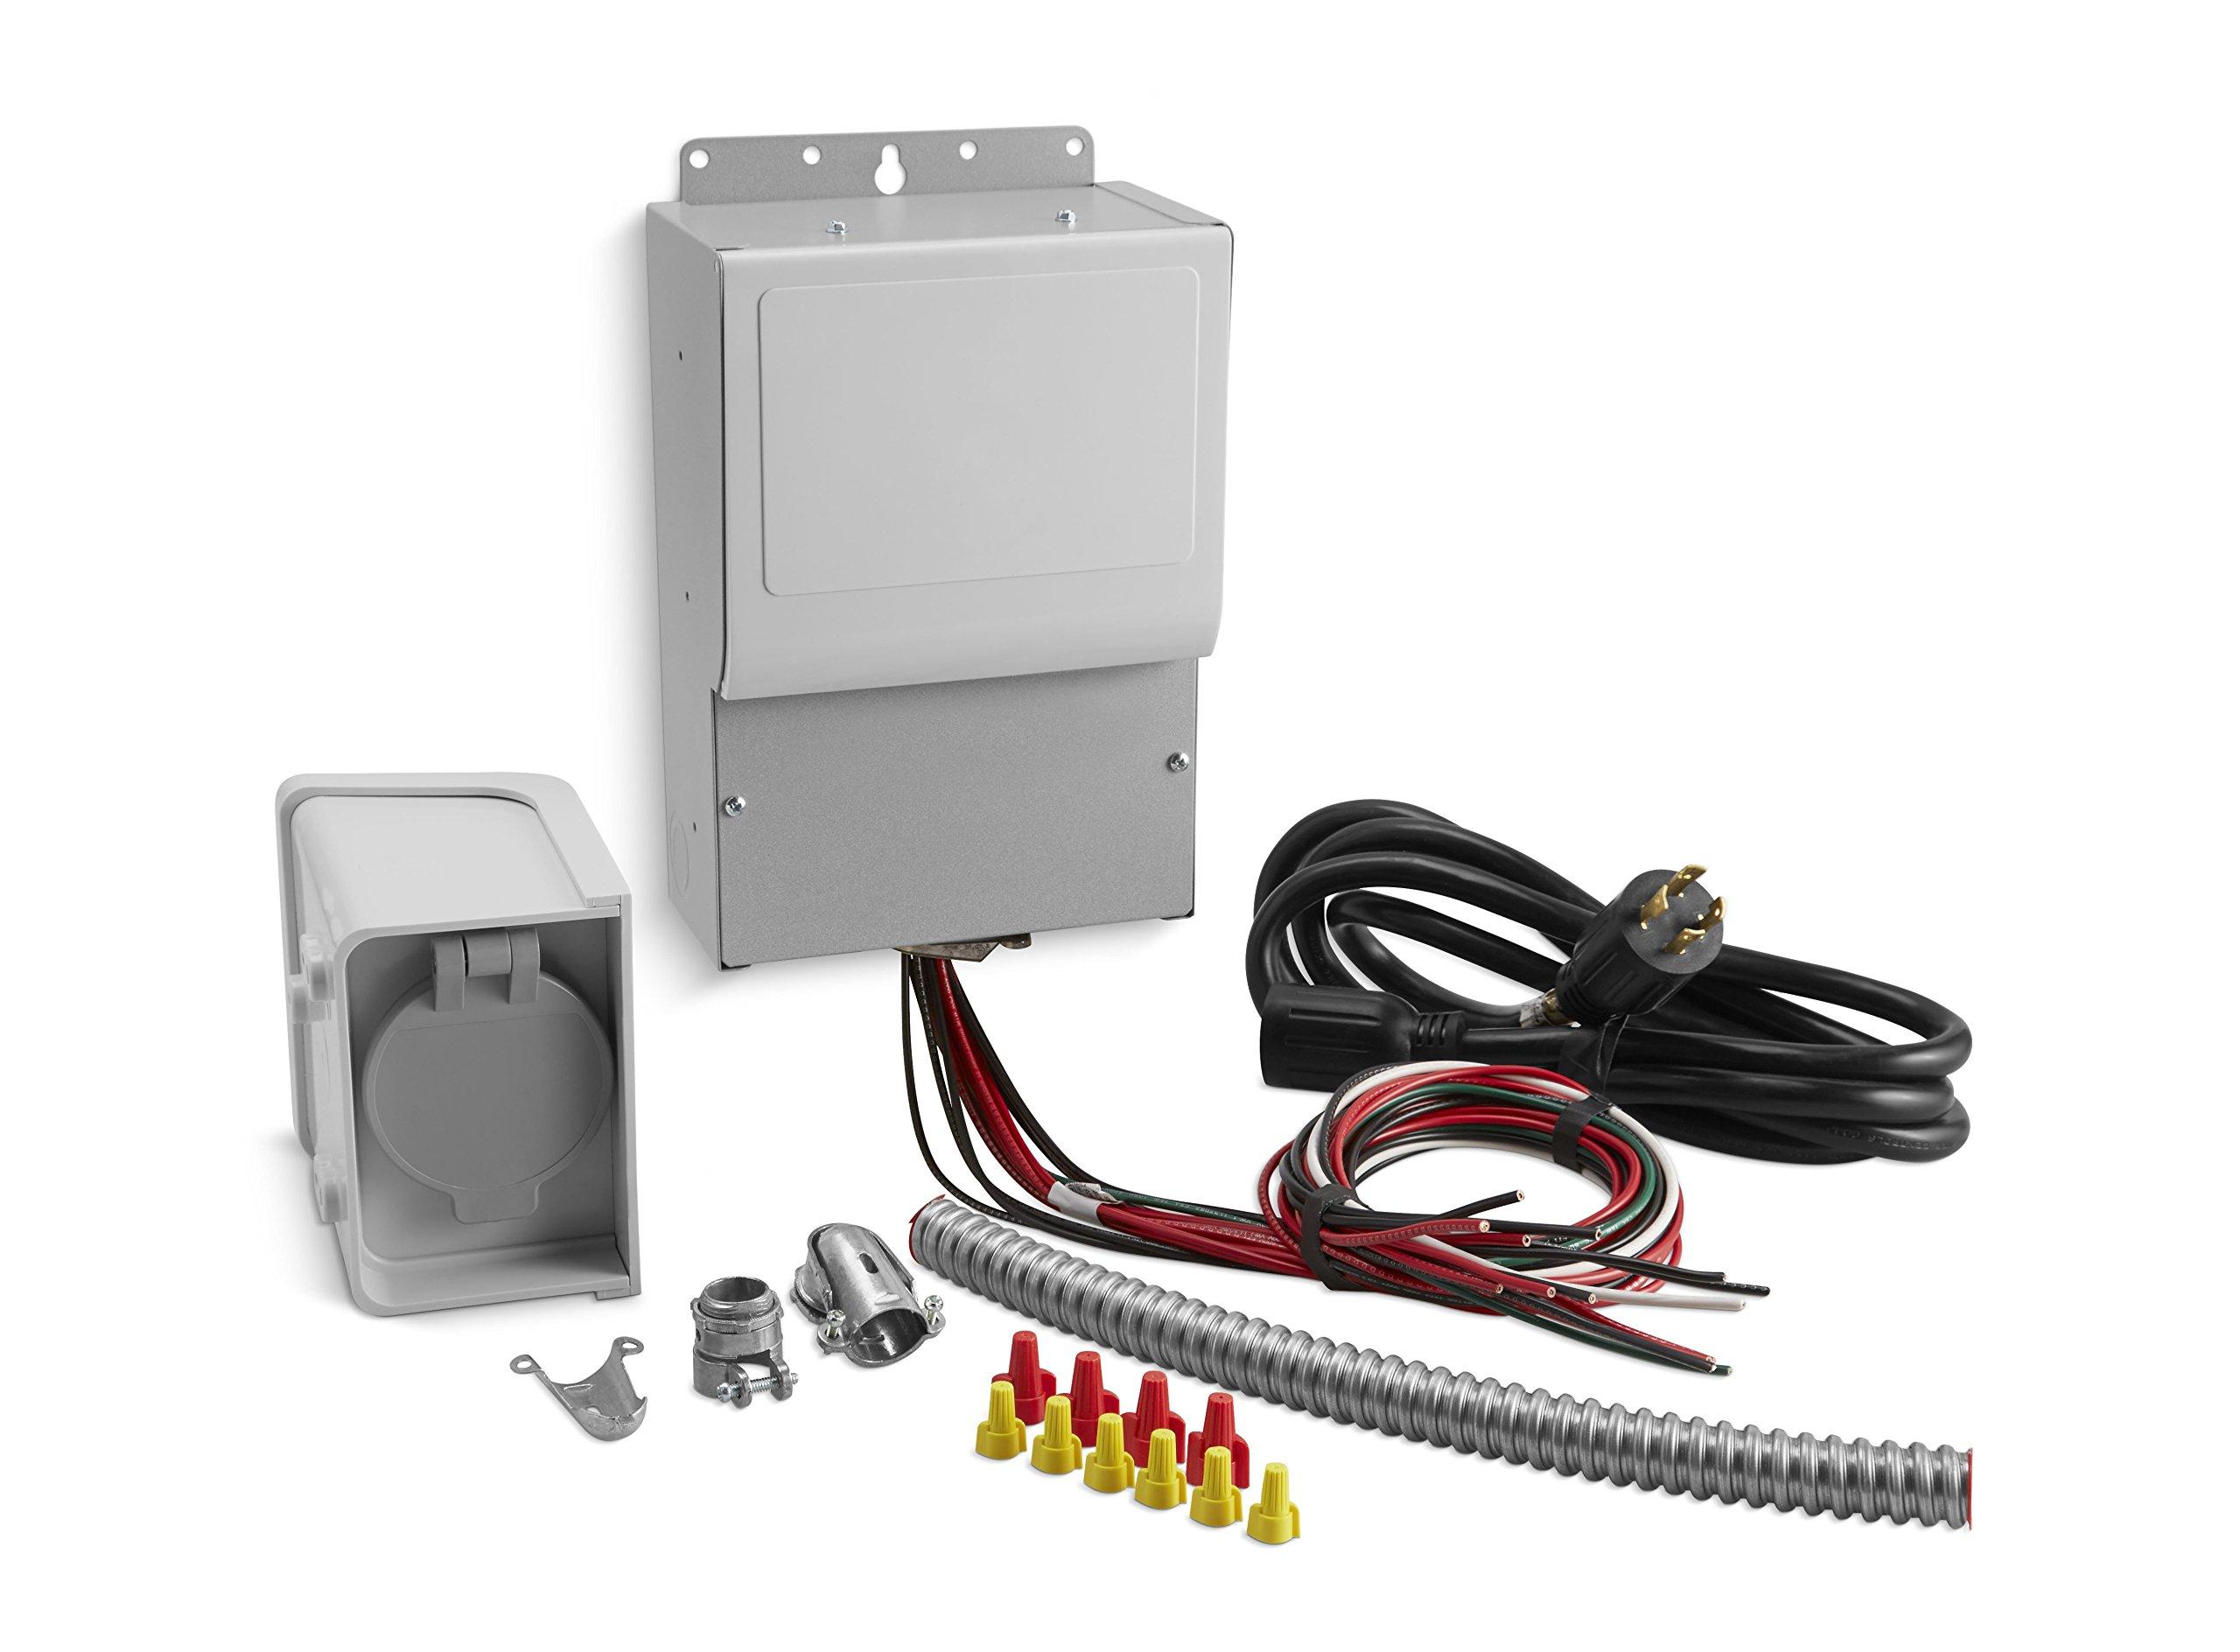 Kohler 37 755 06-S 6-Circuit Manual Transfer Switch Kit for Portable Generators by Kohler